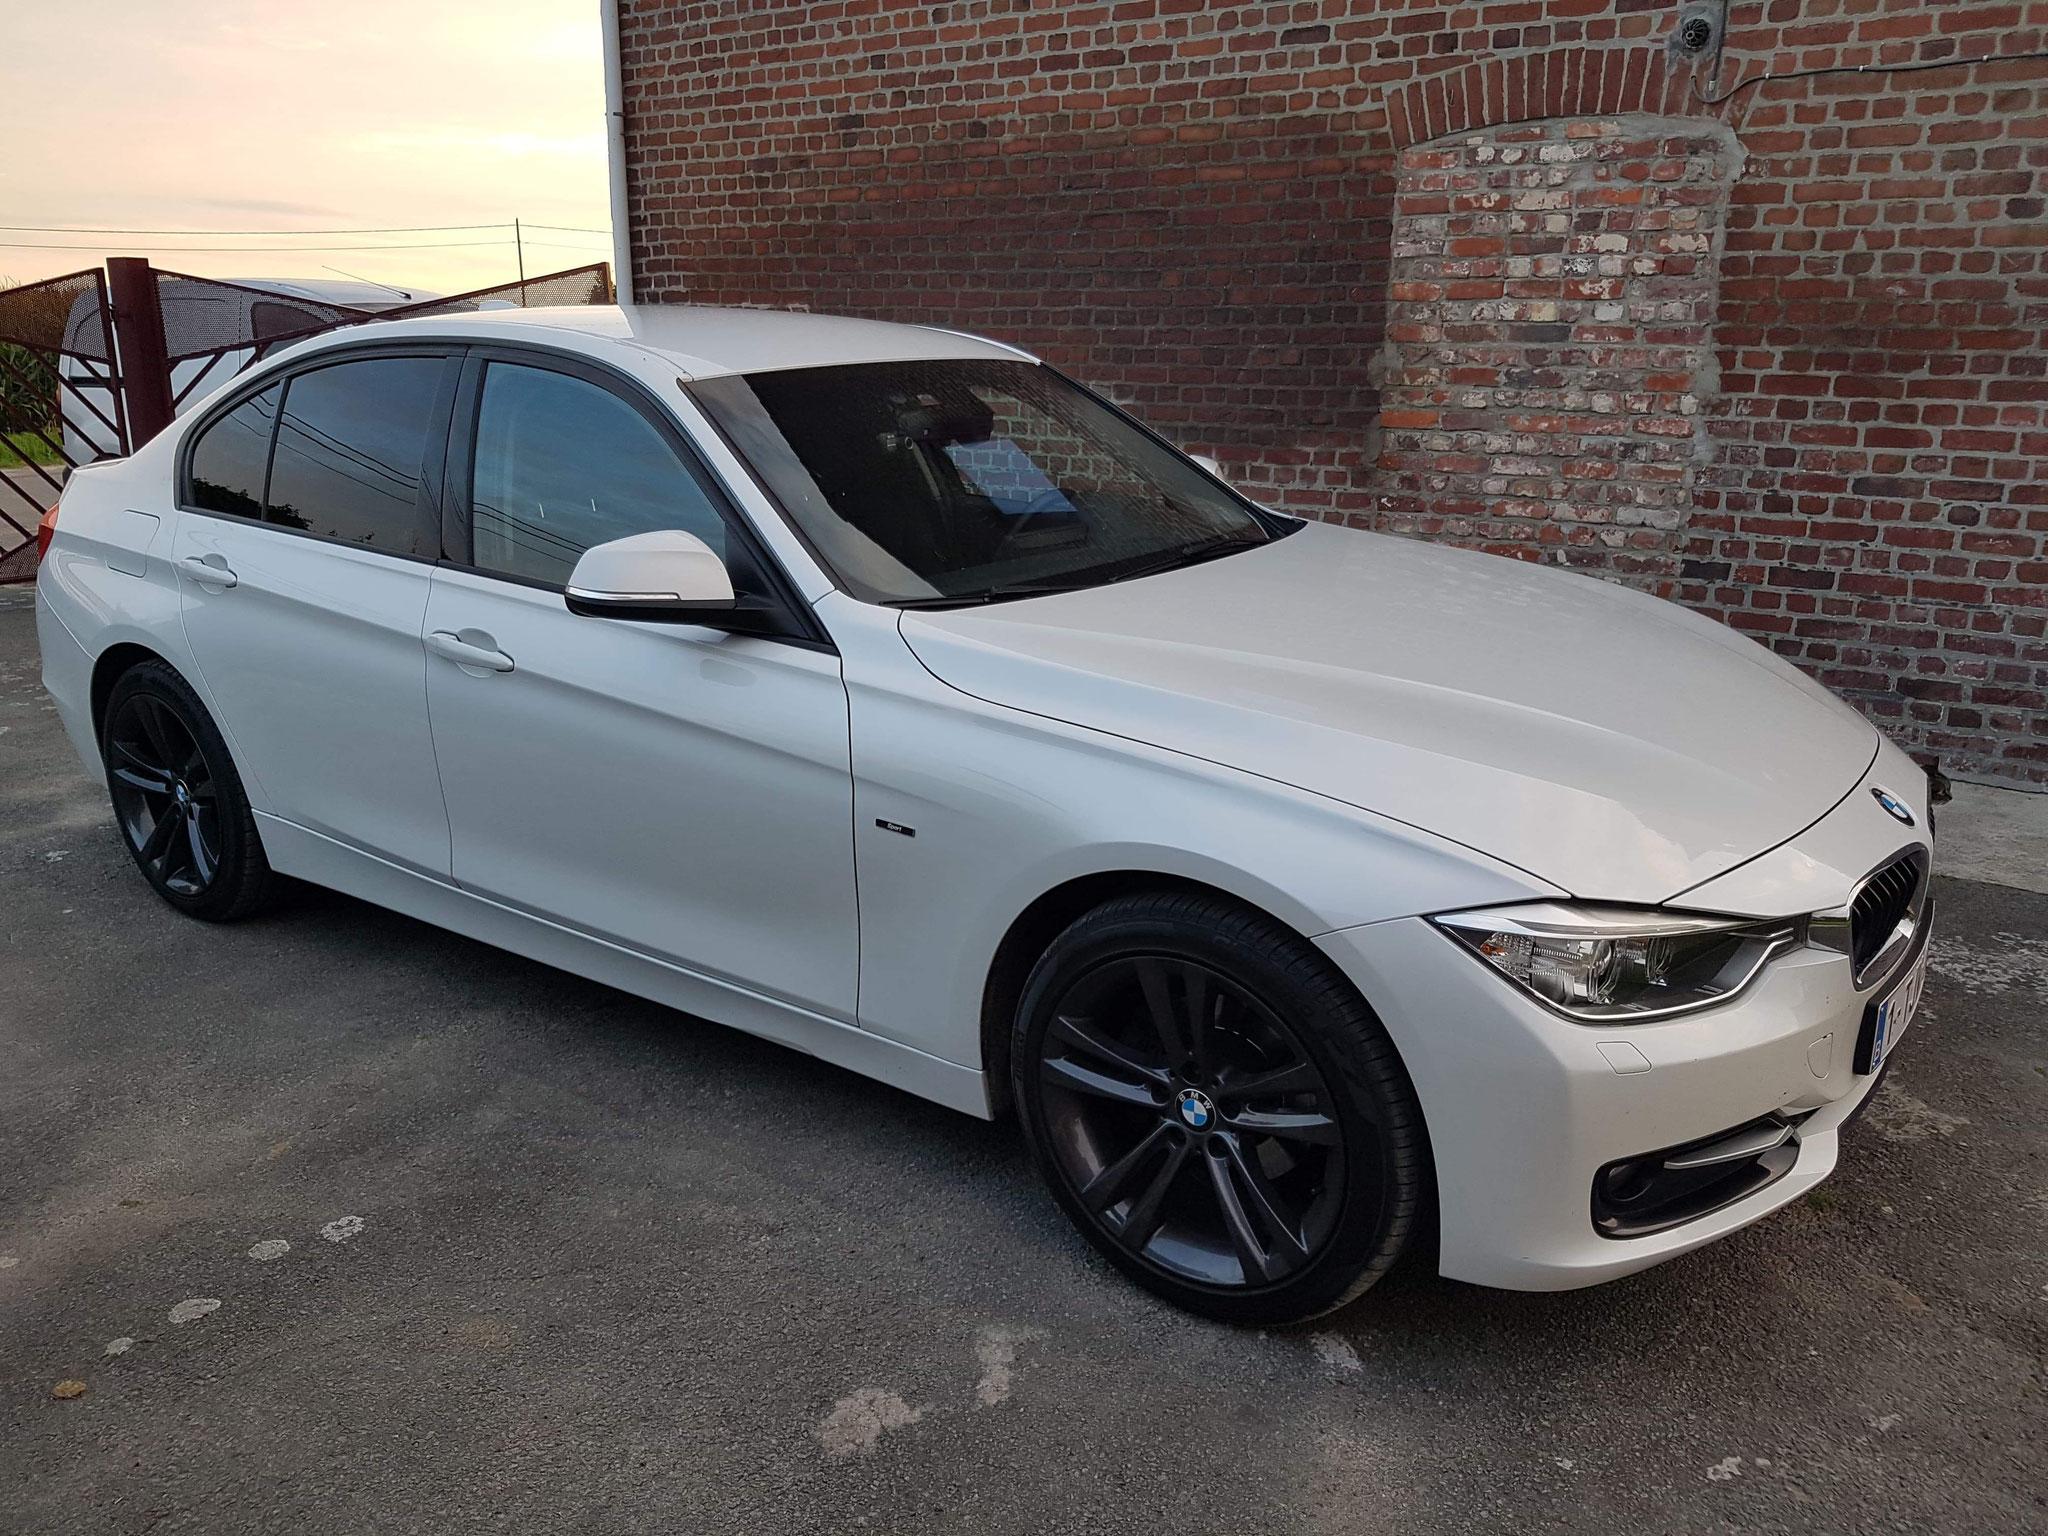 1034 - BMW - F30 318D - 2013